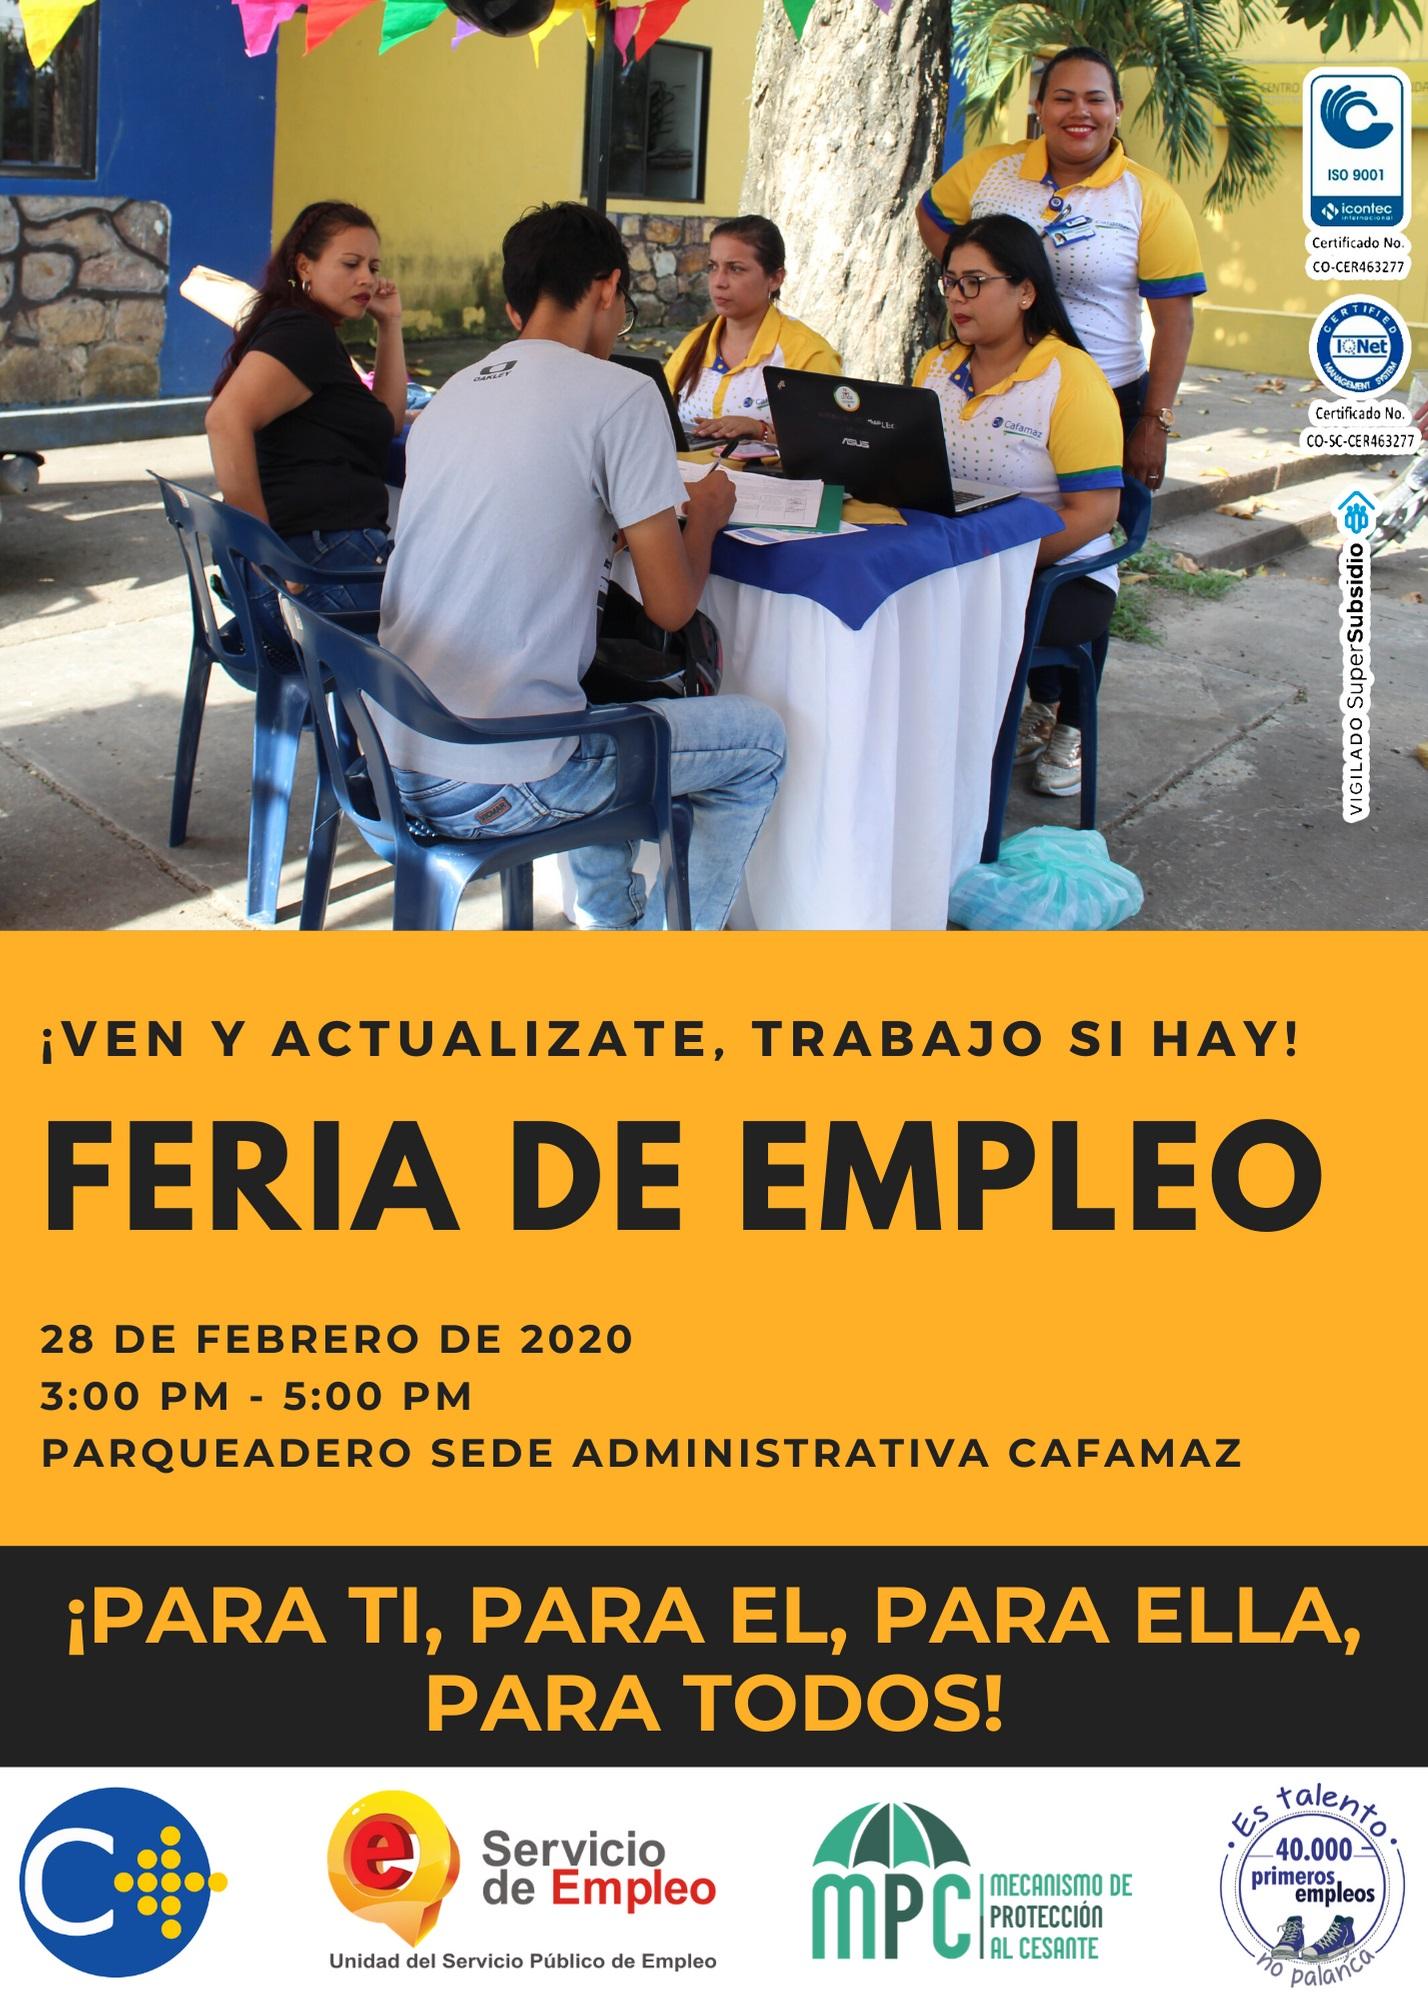 Feria de Empleo | Cafamaz, 2020